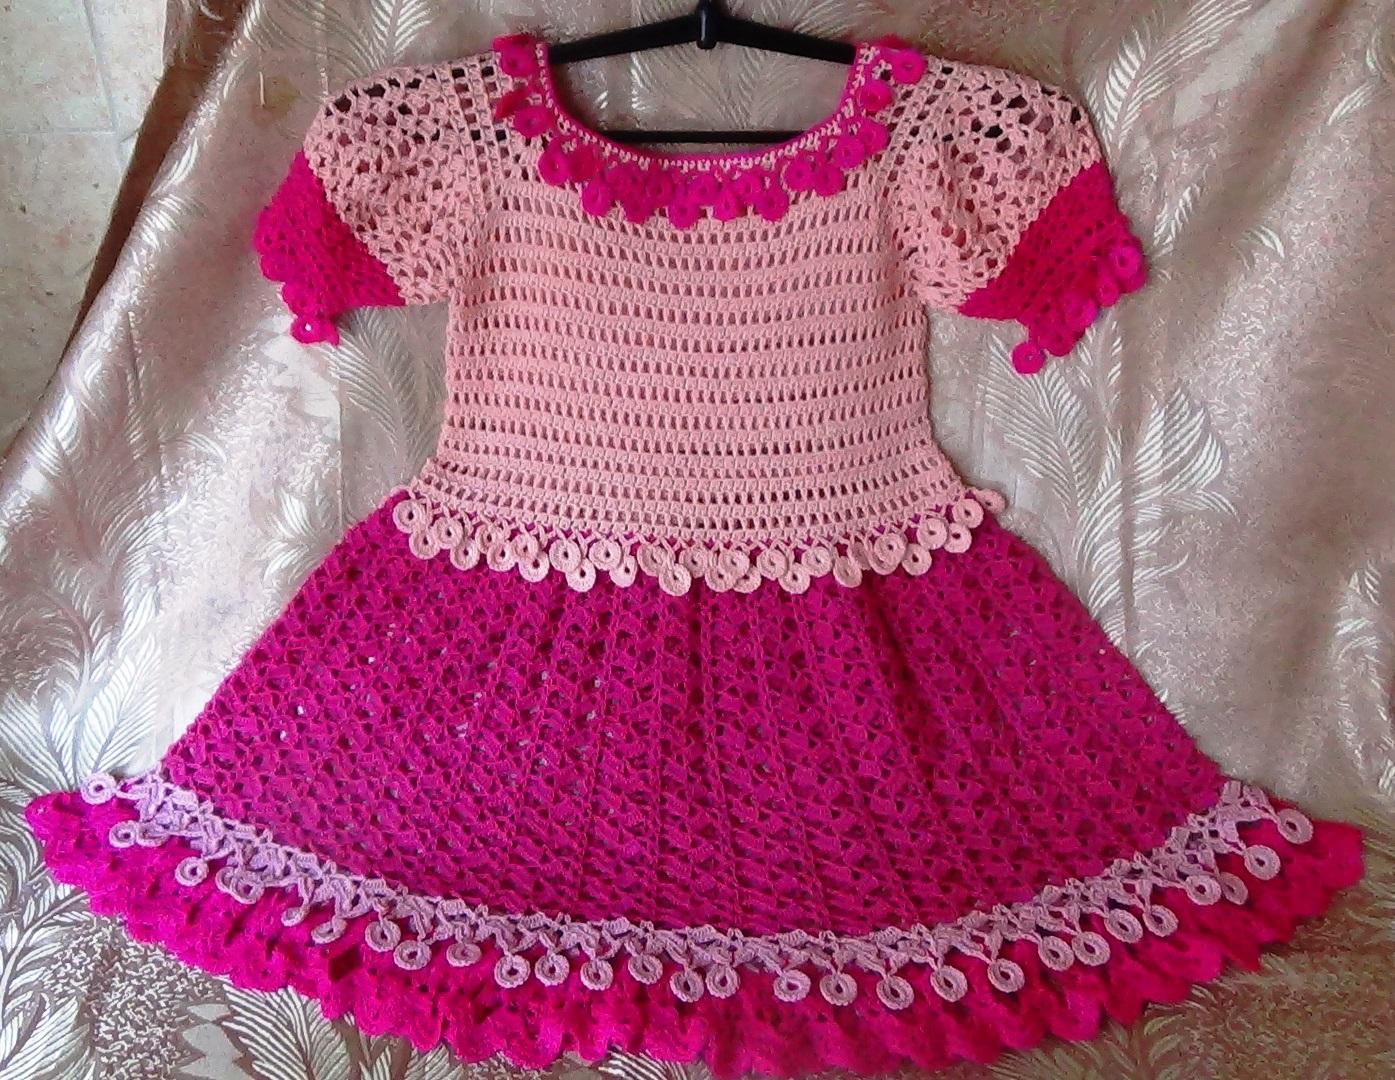 Мастер-класс по вязанию крючком для начинающих детского платья